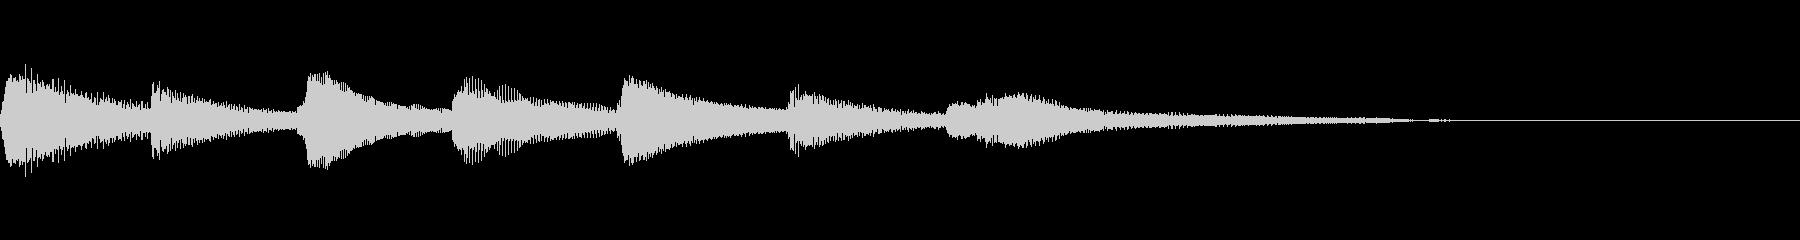 やさしいピアノ・サウンドロゴ7の未再生の波形